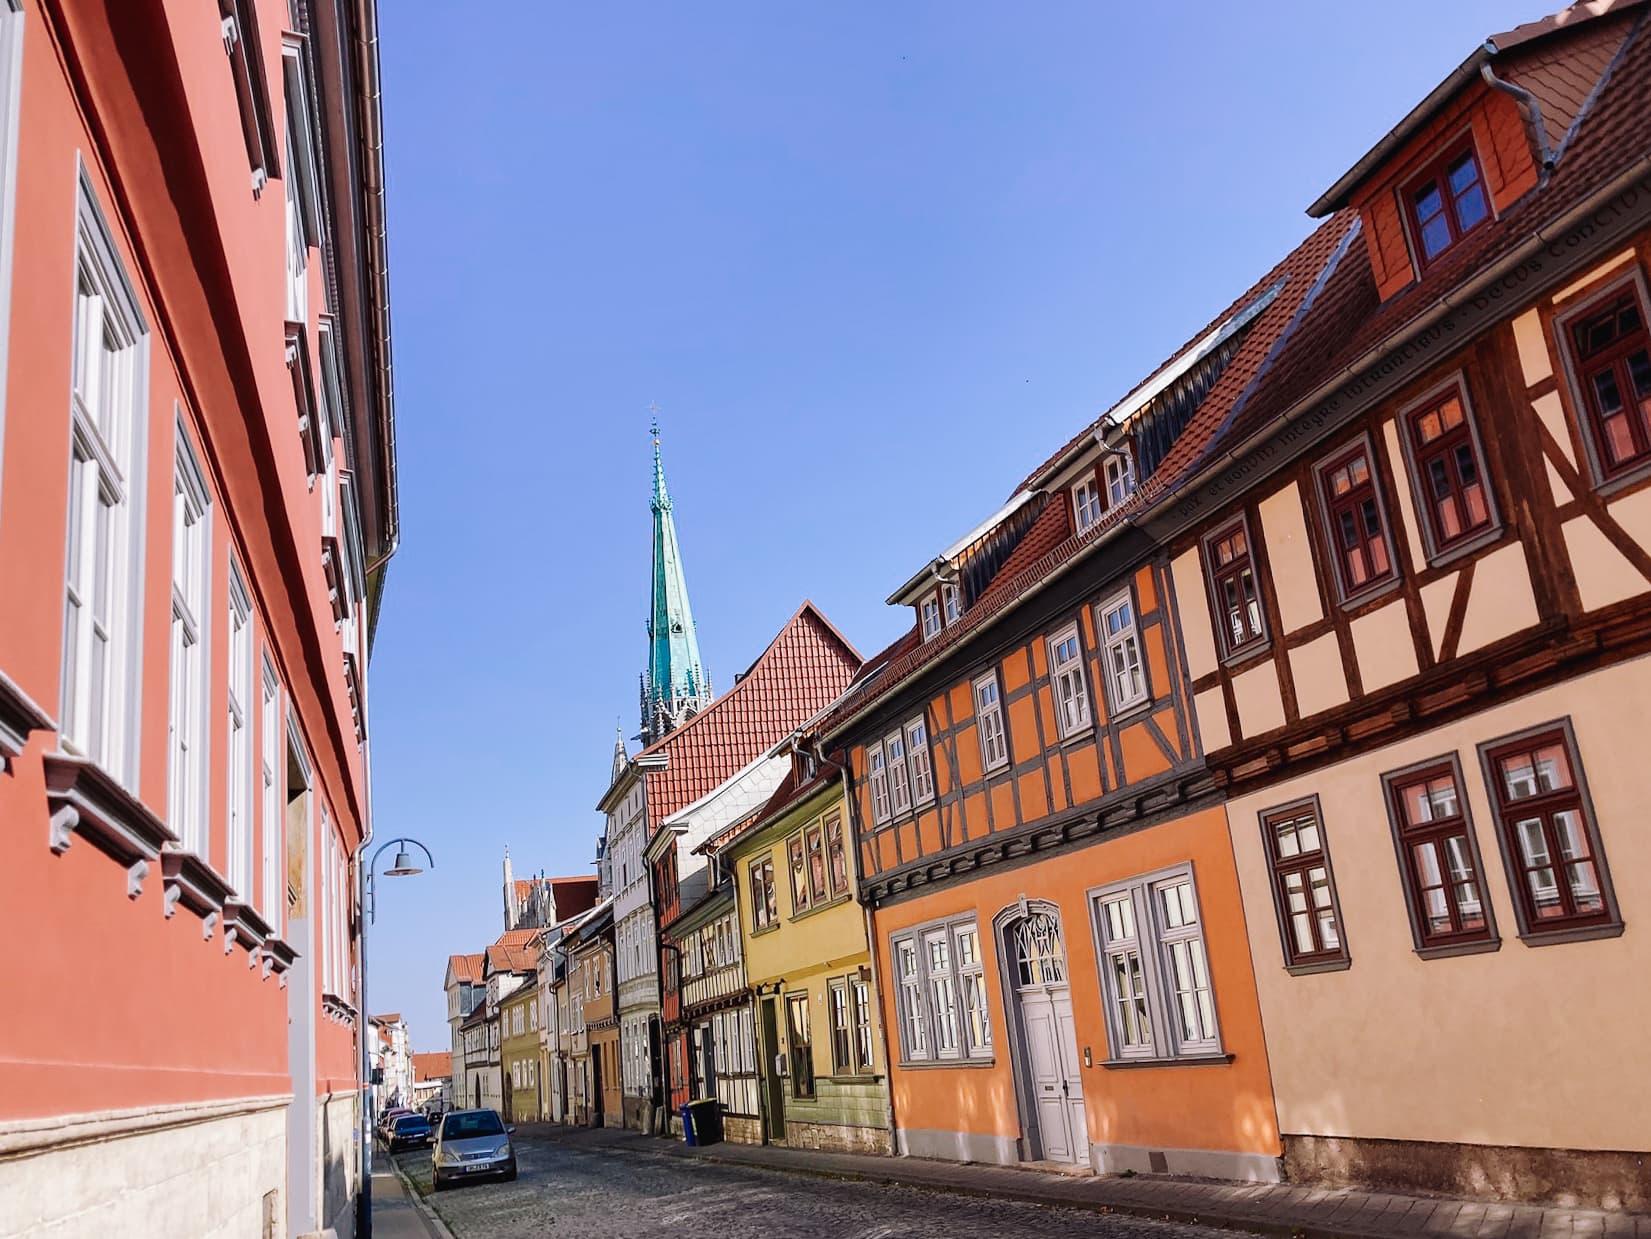 Bunte Häuser in der Altstadt von Mühlhausen